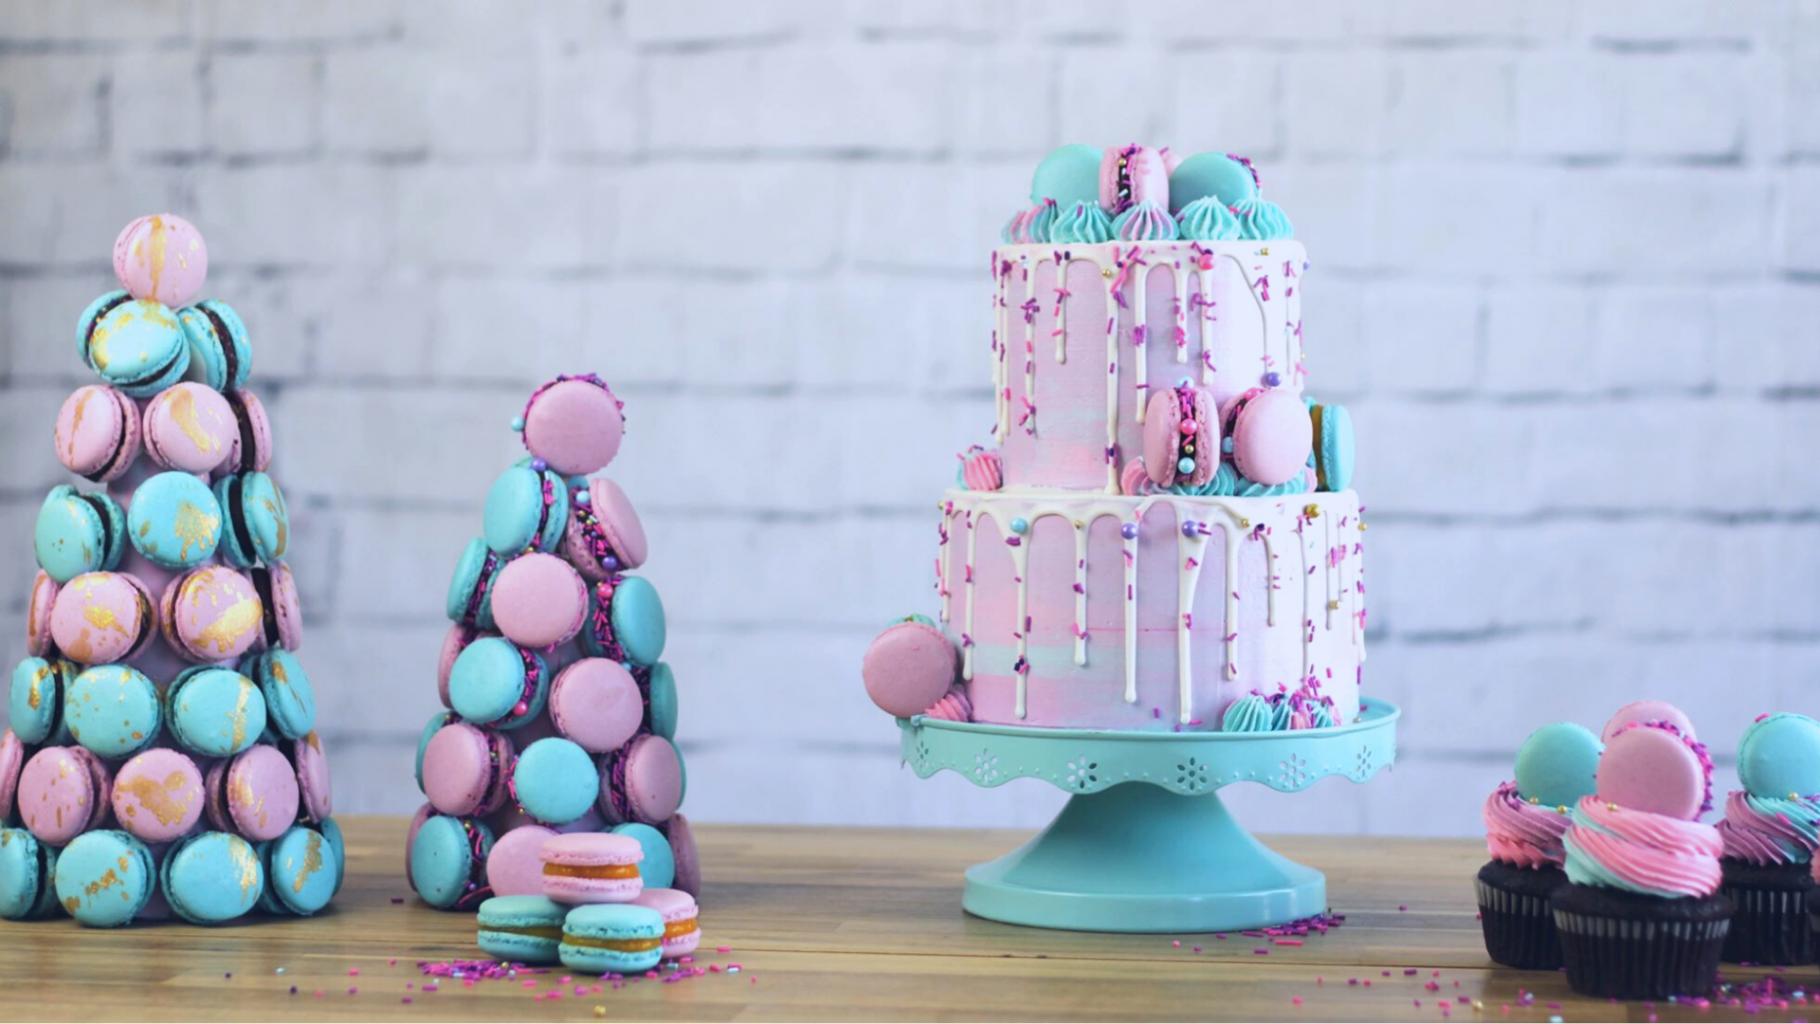 Cours de cake design en ligne d'introduction au macarons